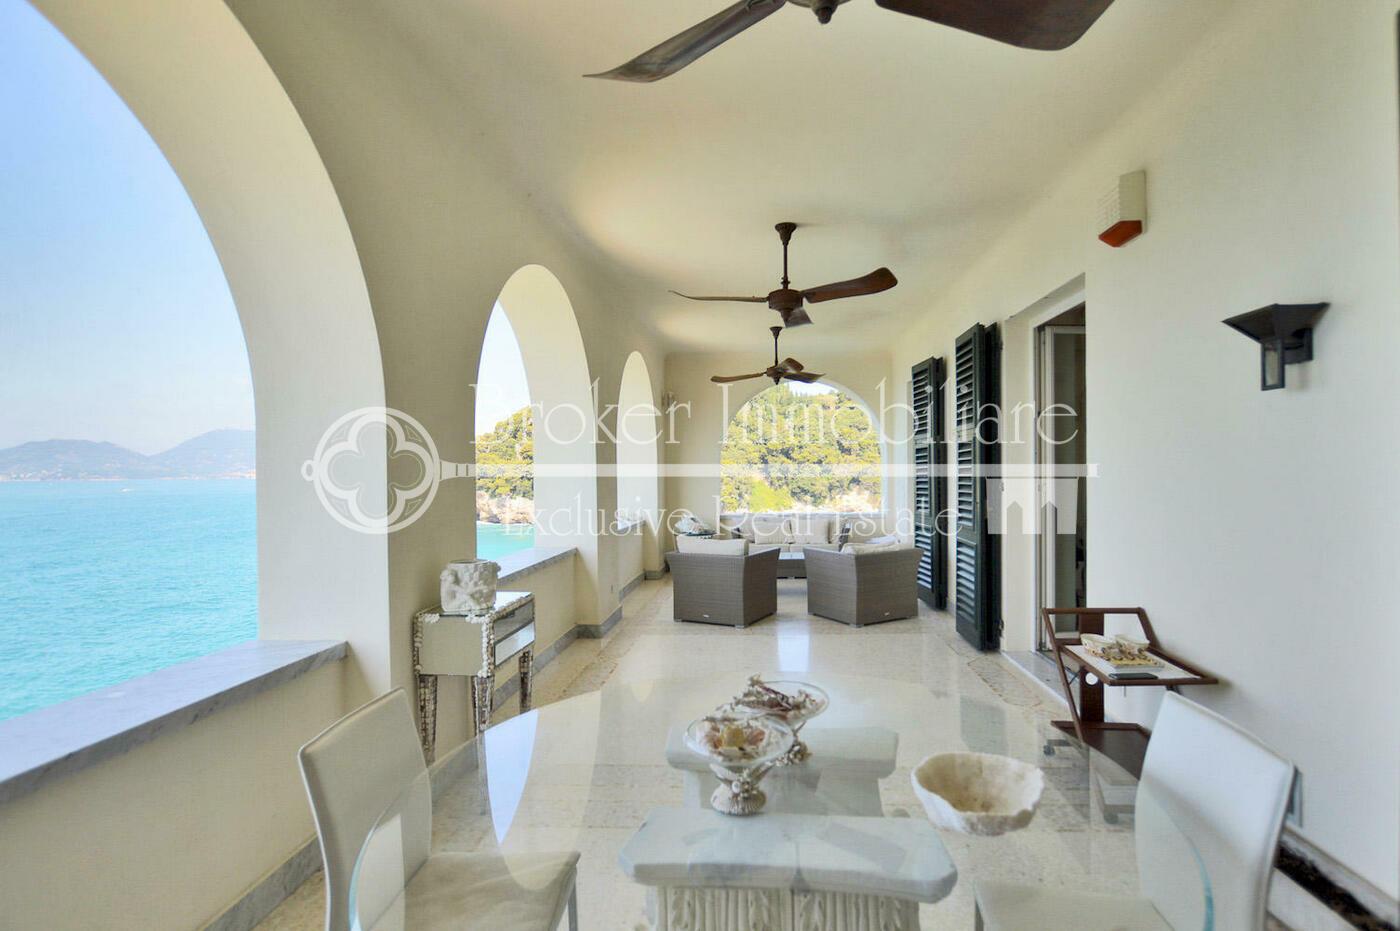 Appartamento di lusso in vendita a Lerici, con straordinaria vista mare e piscina